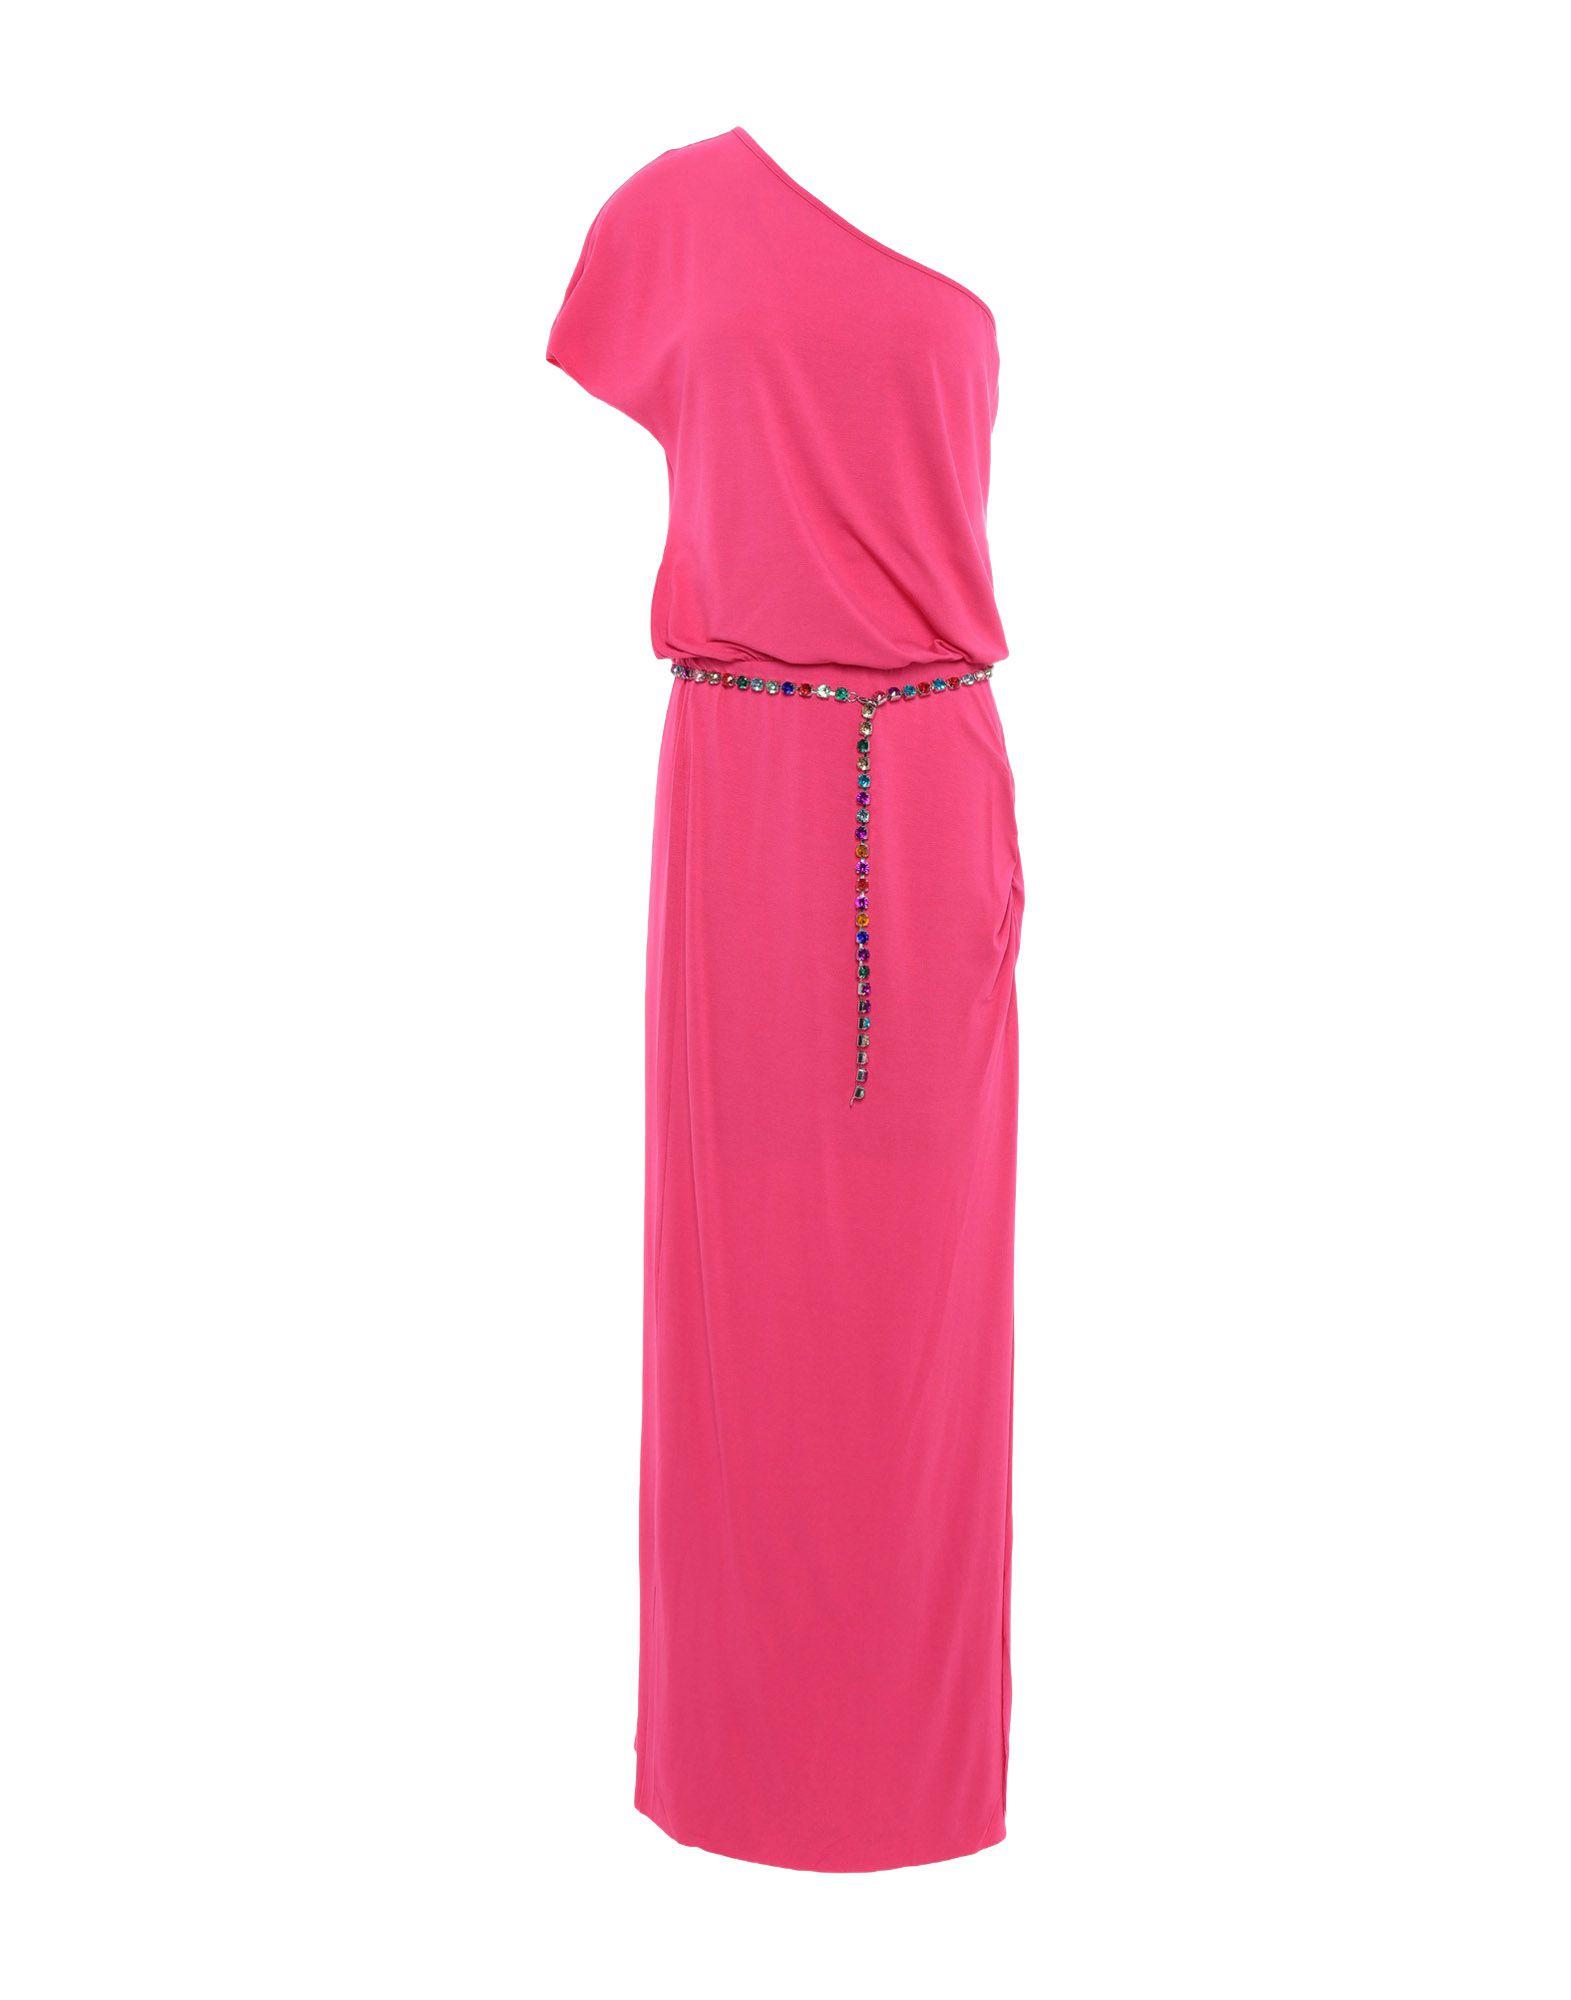 LUNATIC Длинное платье малого сексуально женщин от летних моды случайных плечо мини платье